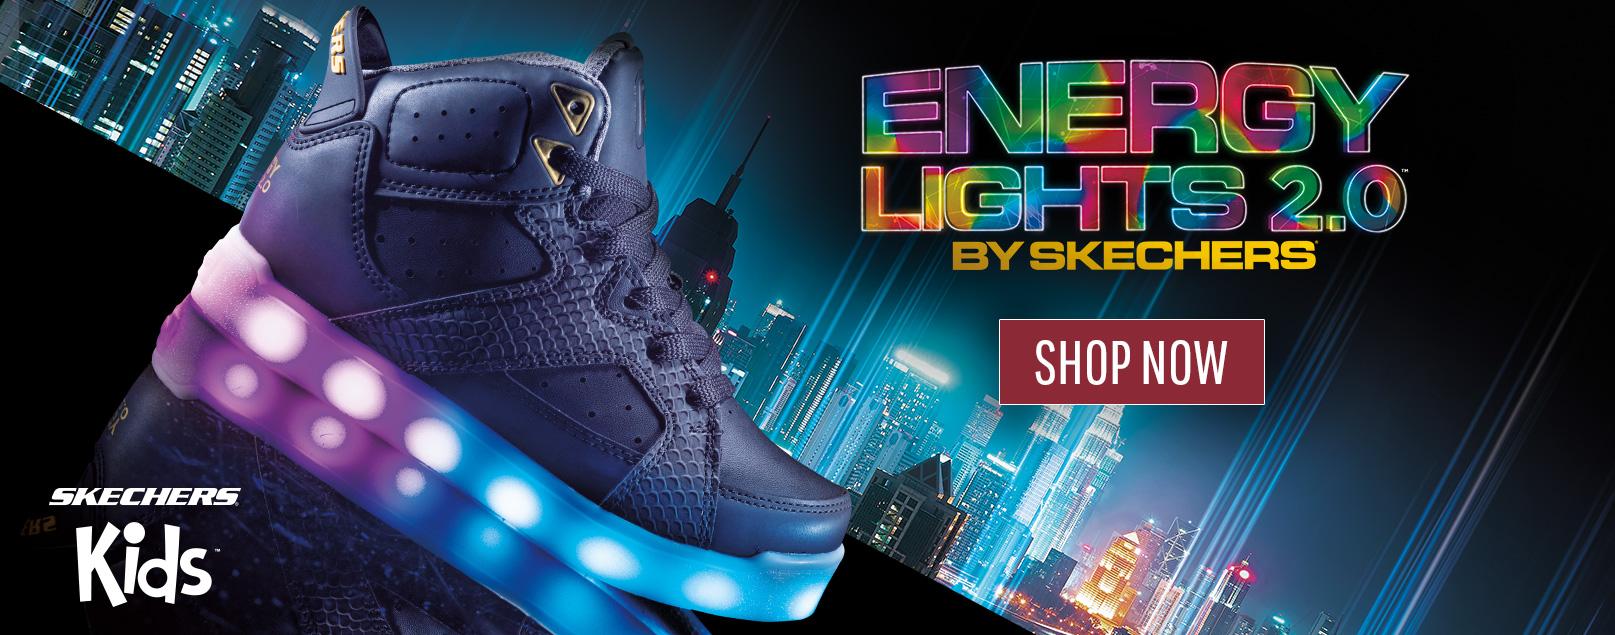 Chaussures Skechers pour garçons incluant les chaussures athétiques avec Mousse Mémoire et les modèles S Lights, Mega Blade, Skech-Air et Z-strap.